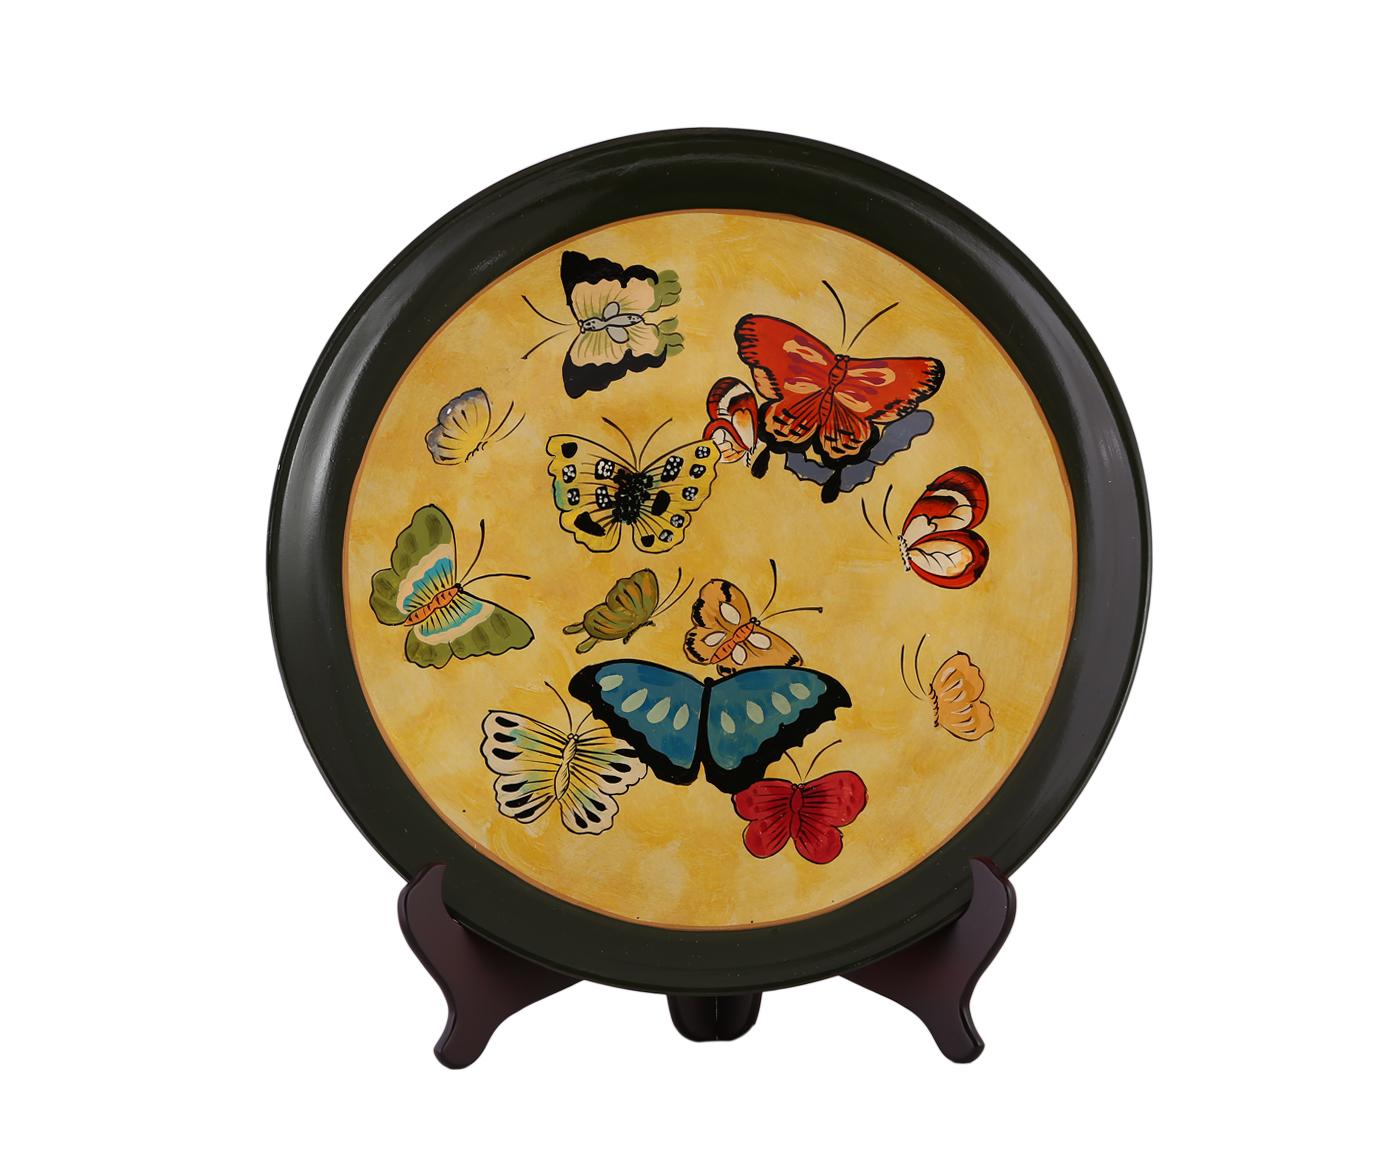 Декоративная тарелкаДекоративные тарелки<br><br><br>Material: Керамика<br>Depth см: 4,5<br>Height см: None<br>Diameter см: 55